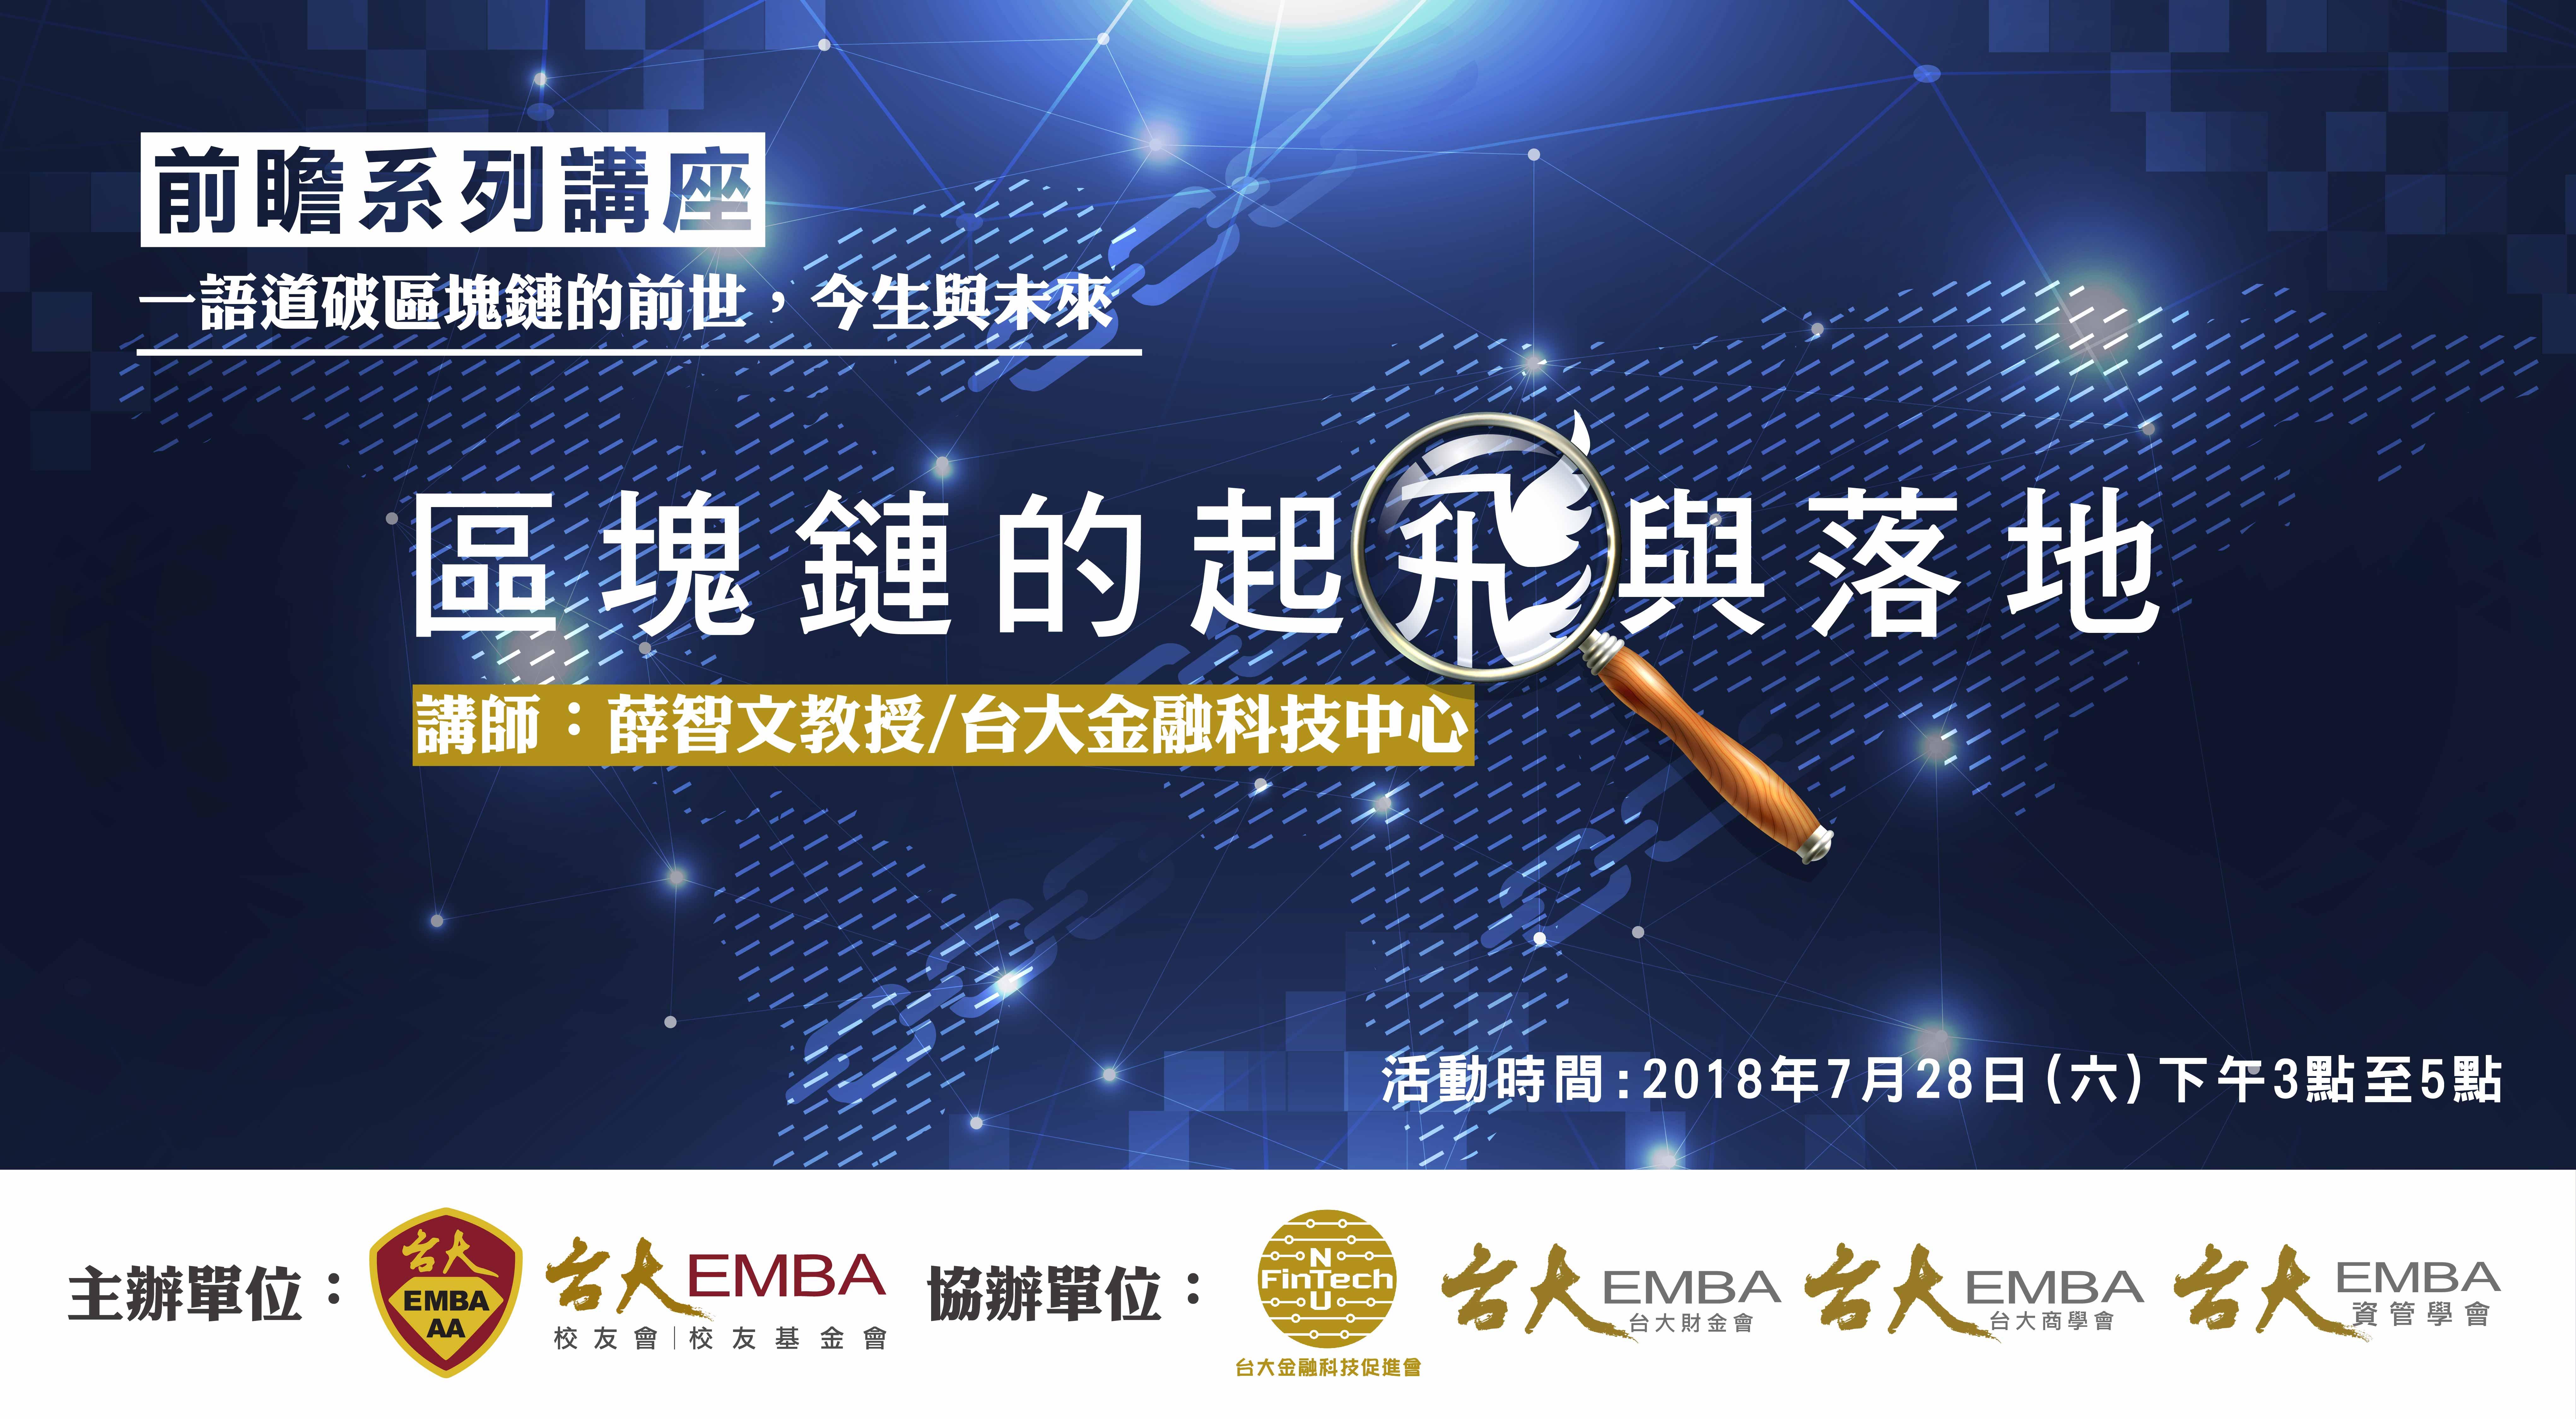 台大EMBA校友基金會前瞻系列講座